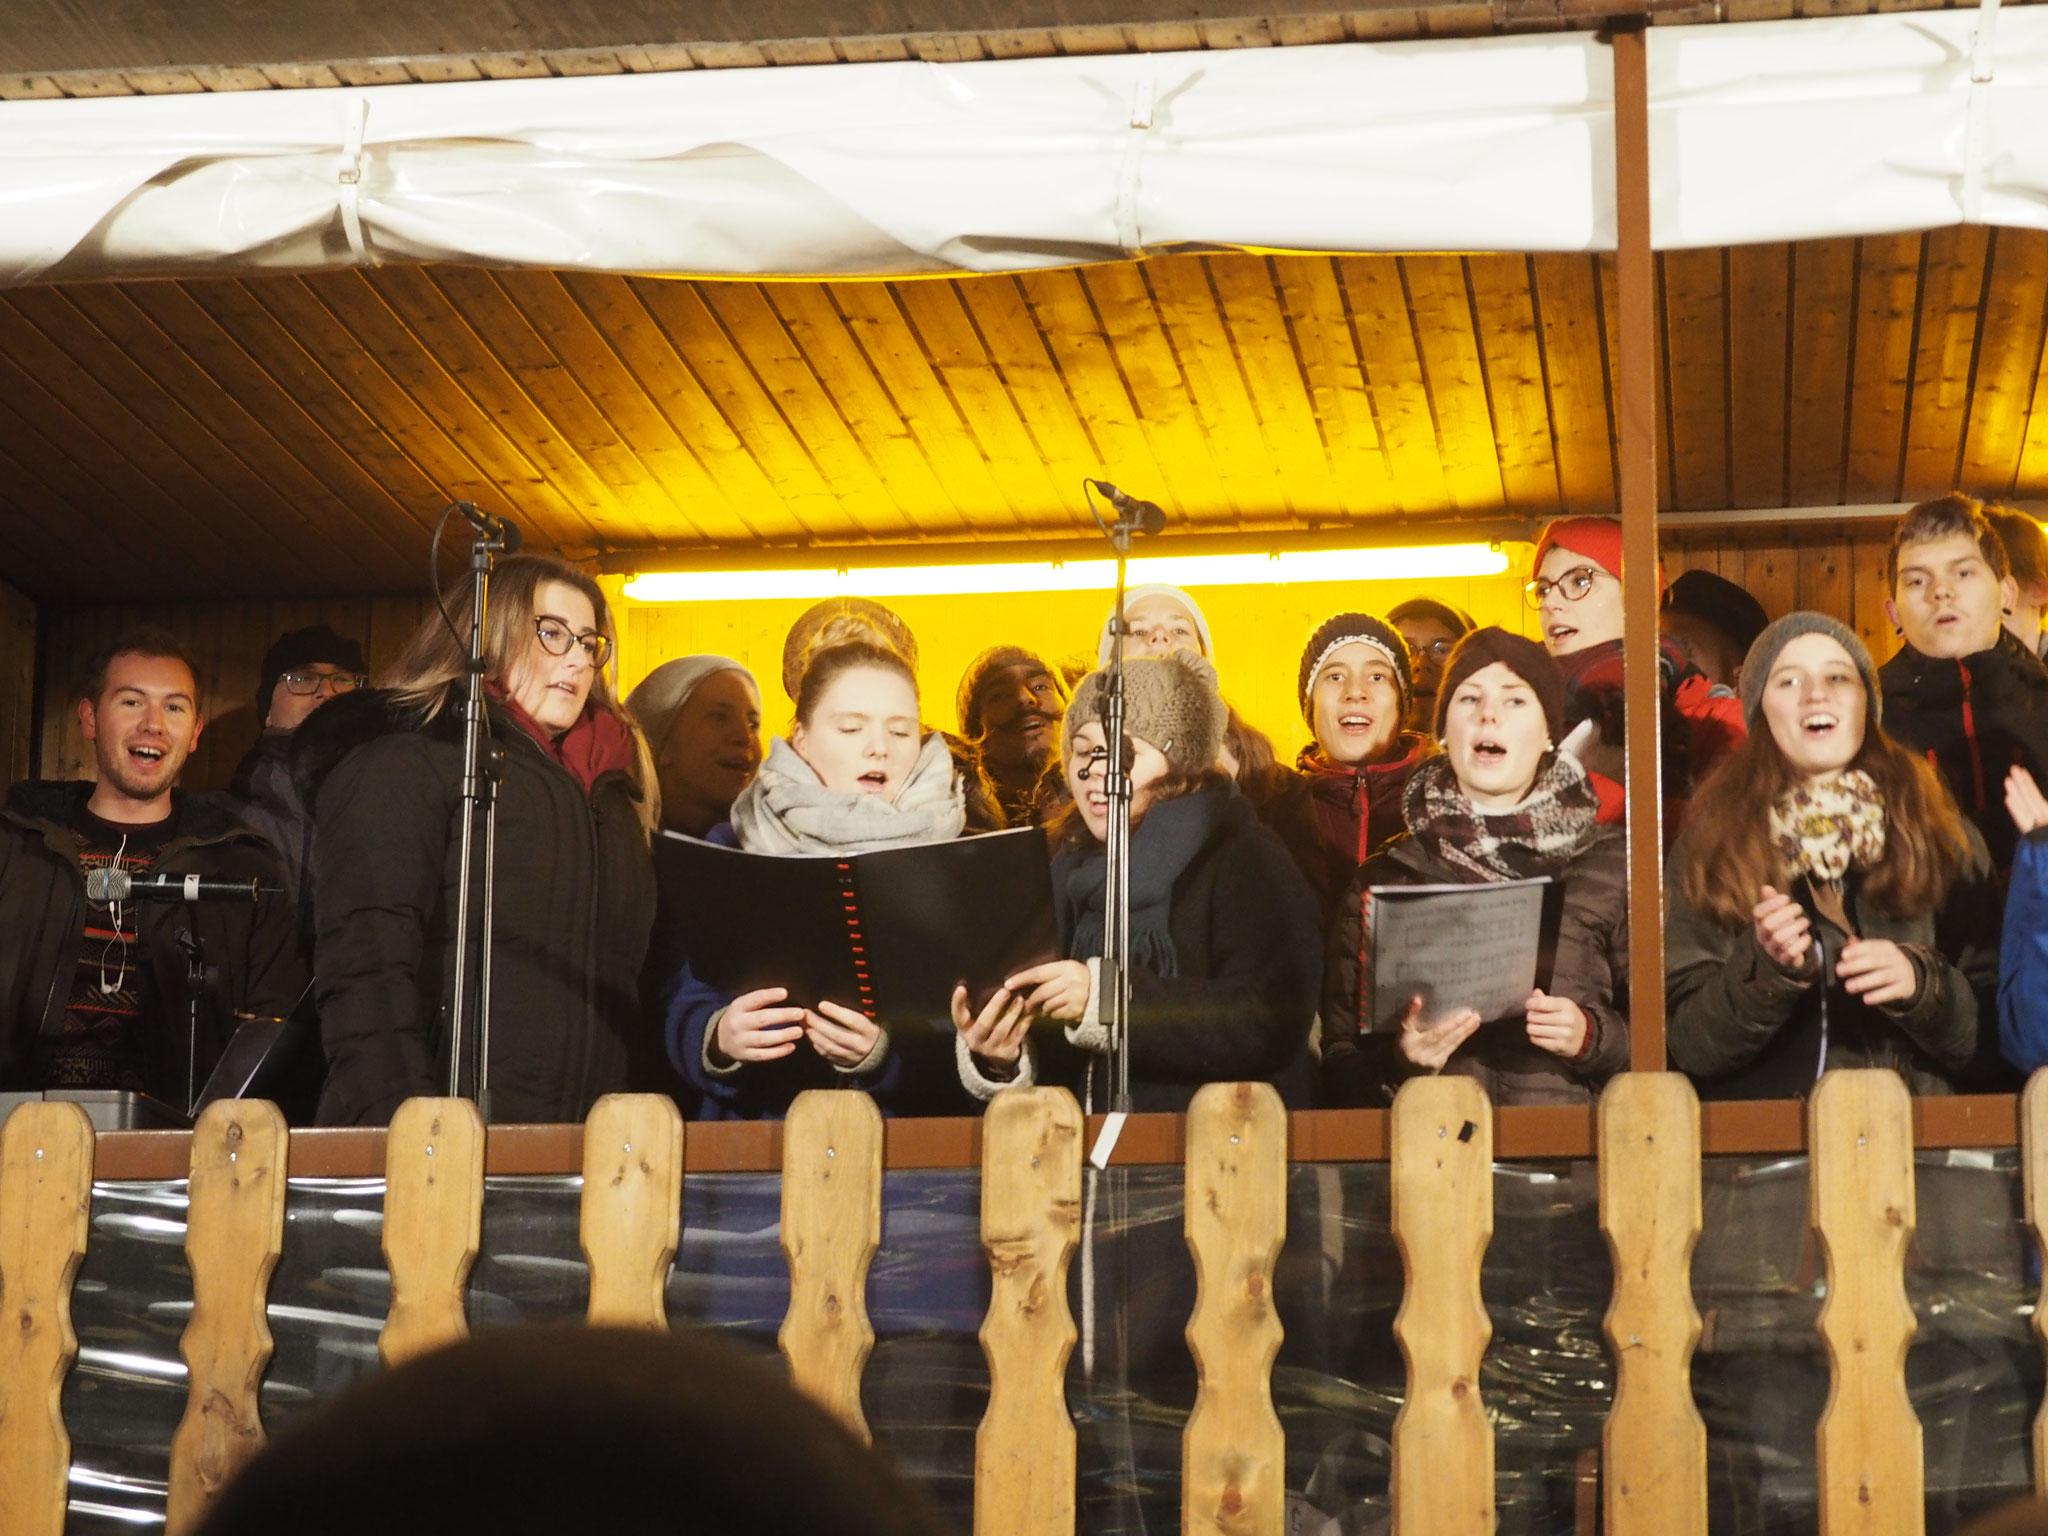 Auftritt am Weihnachtsmarkt Neupfarrplatz 2018